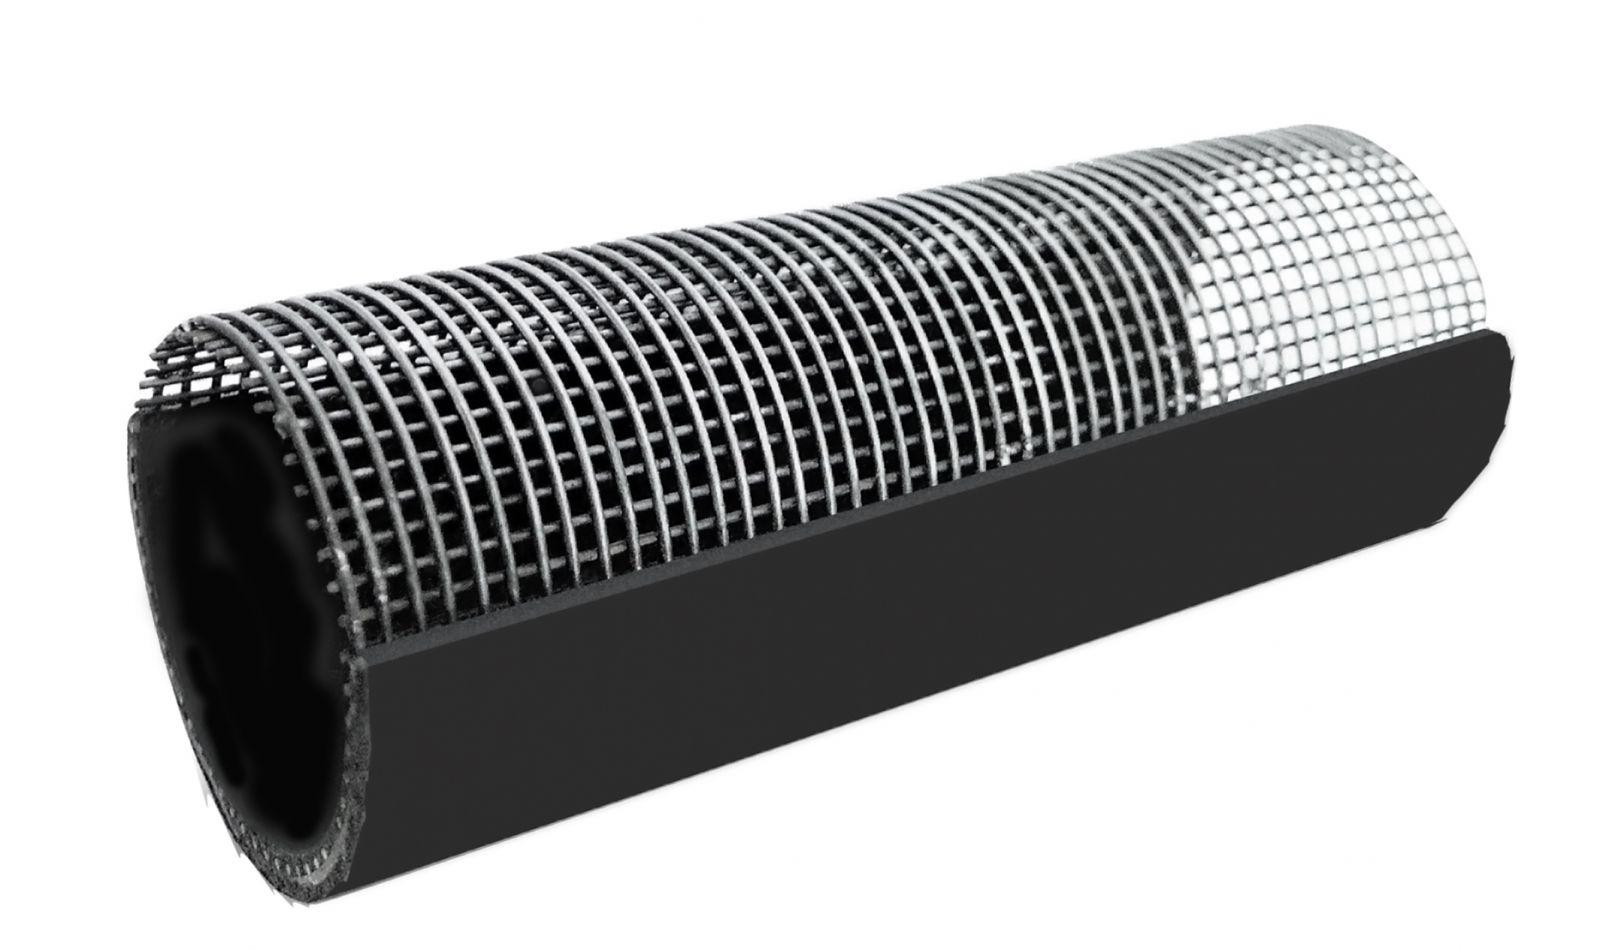 成都钢丝网骨架管对比PE实壁管的优势